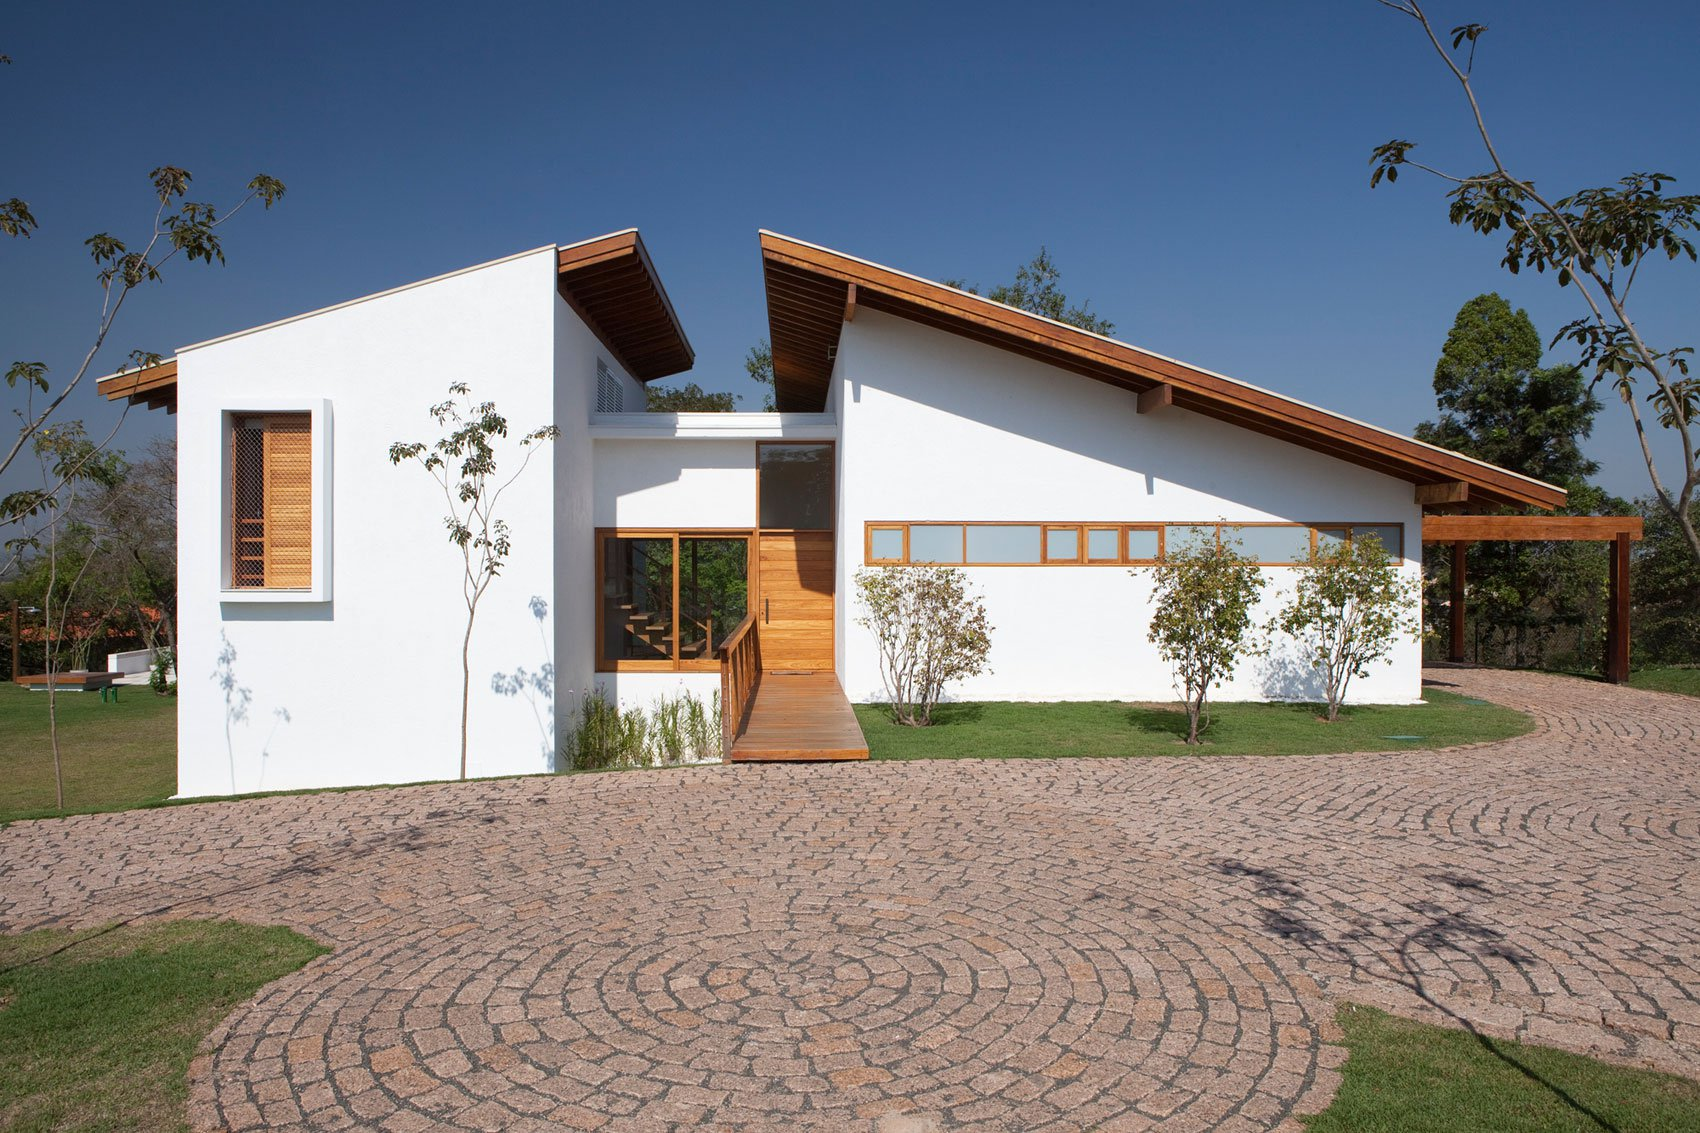 Fachada de casa de campo moderna planos de arquitectura for Diseno de casas de campo modernas